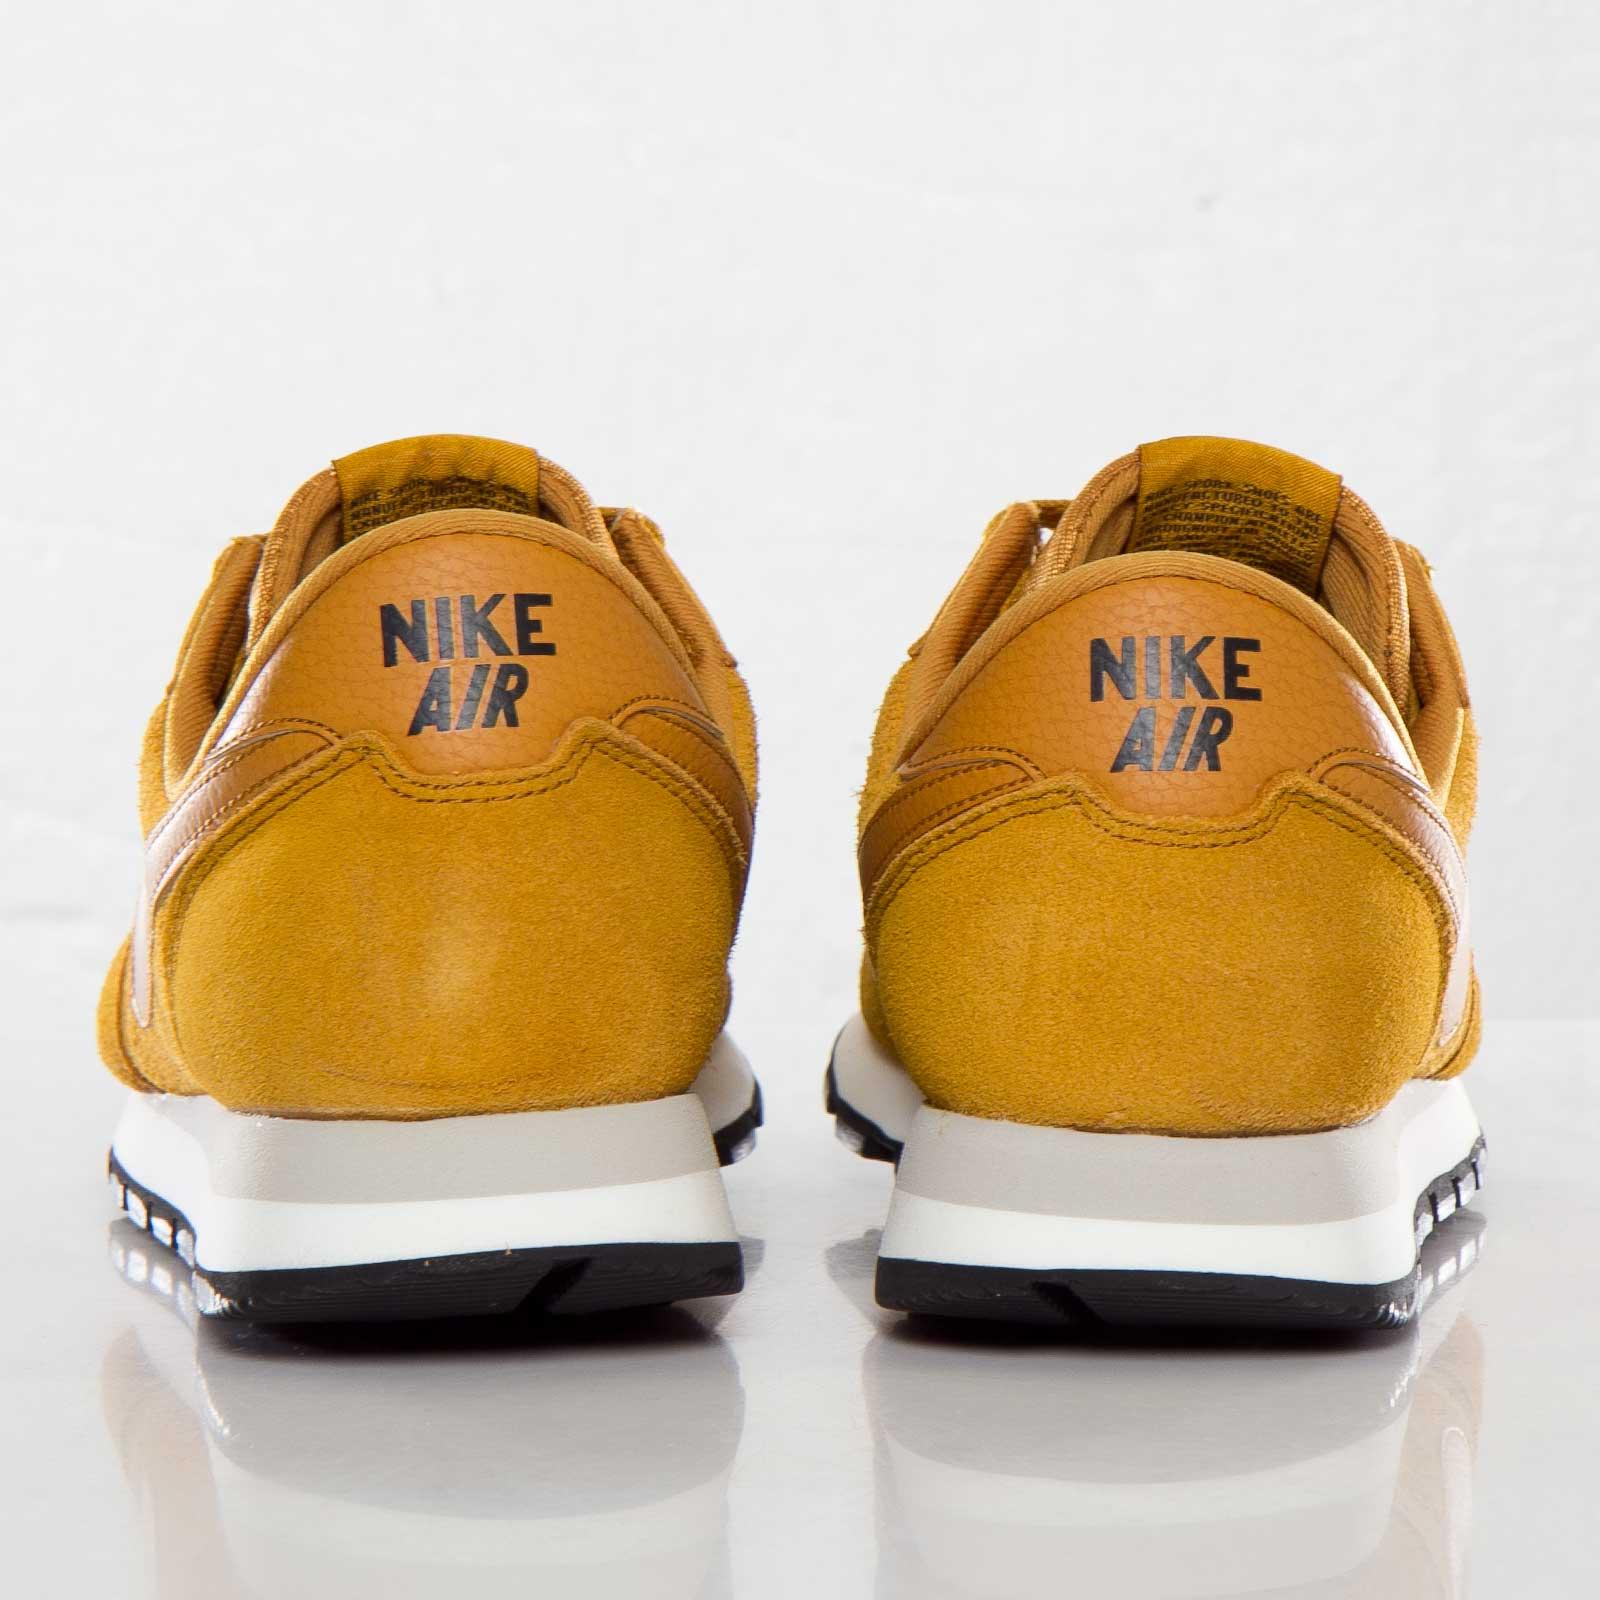 Trasplante tornado Excéntrico  Nike Air Pegasus 83 Suede - 599129-770 - Sneakersnstuff   sneakers &  streetwear online since 1999